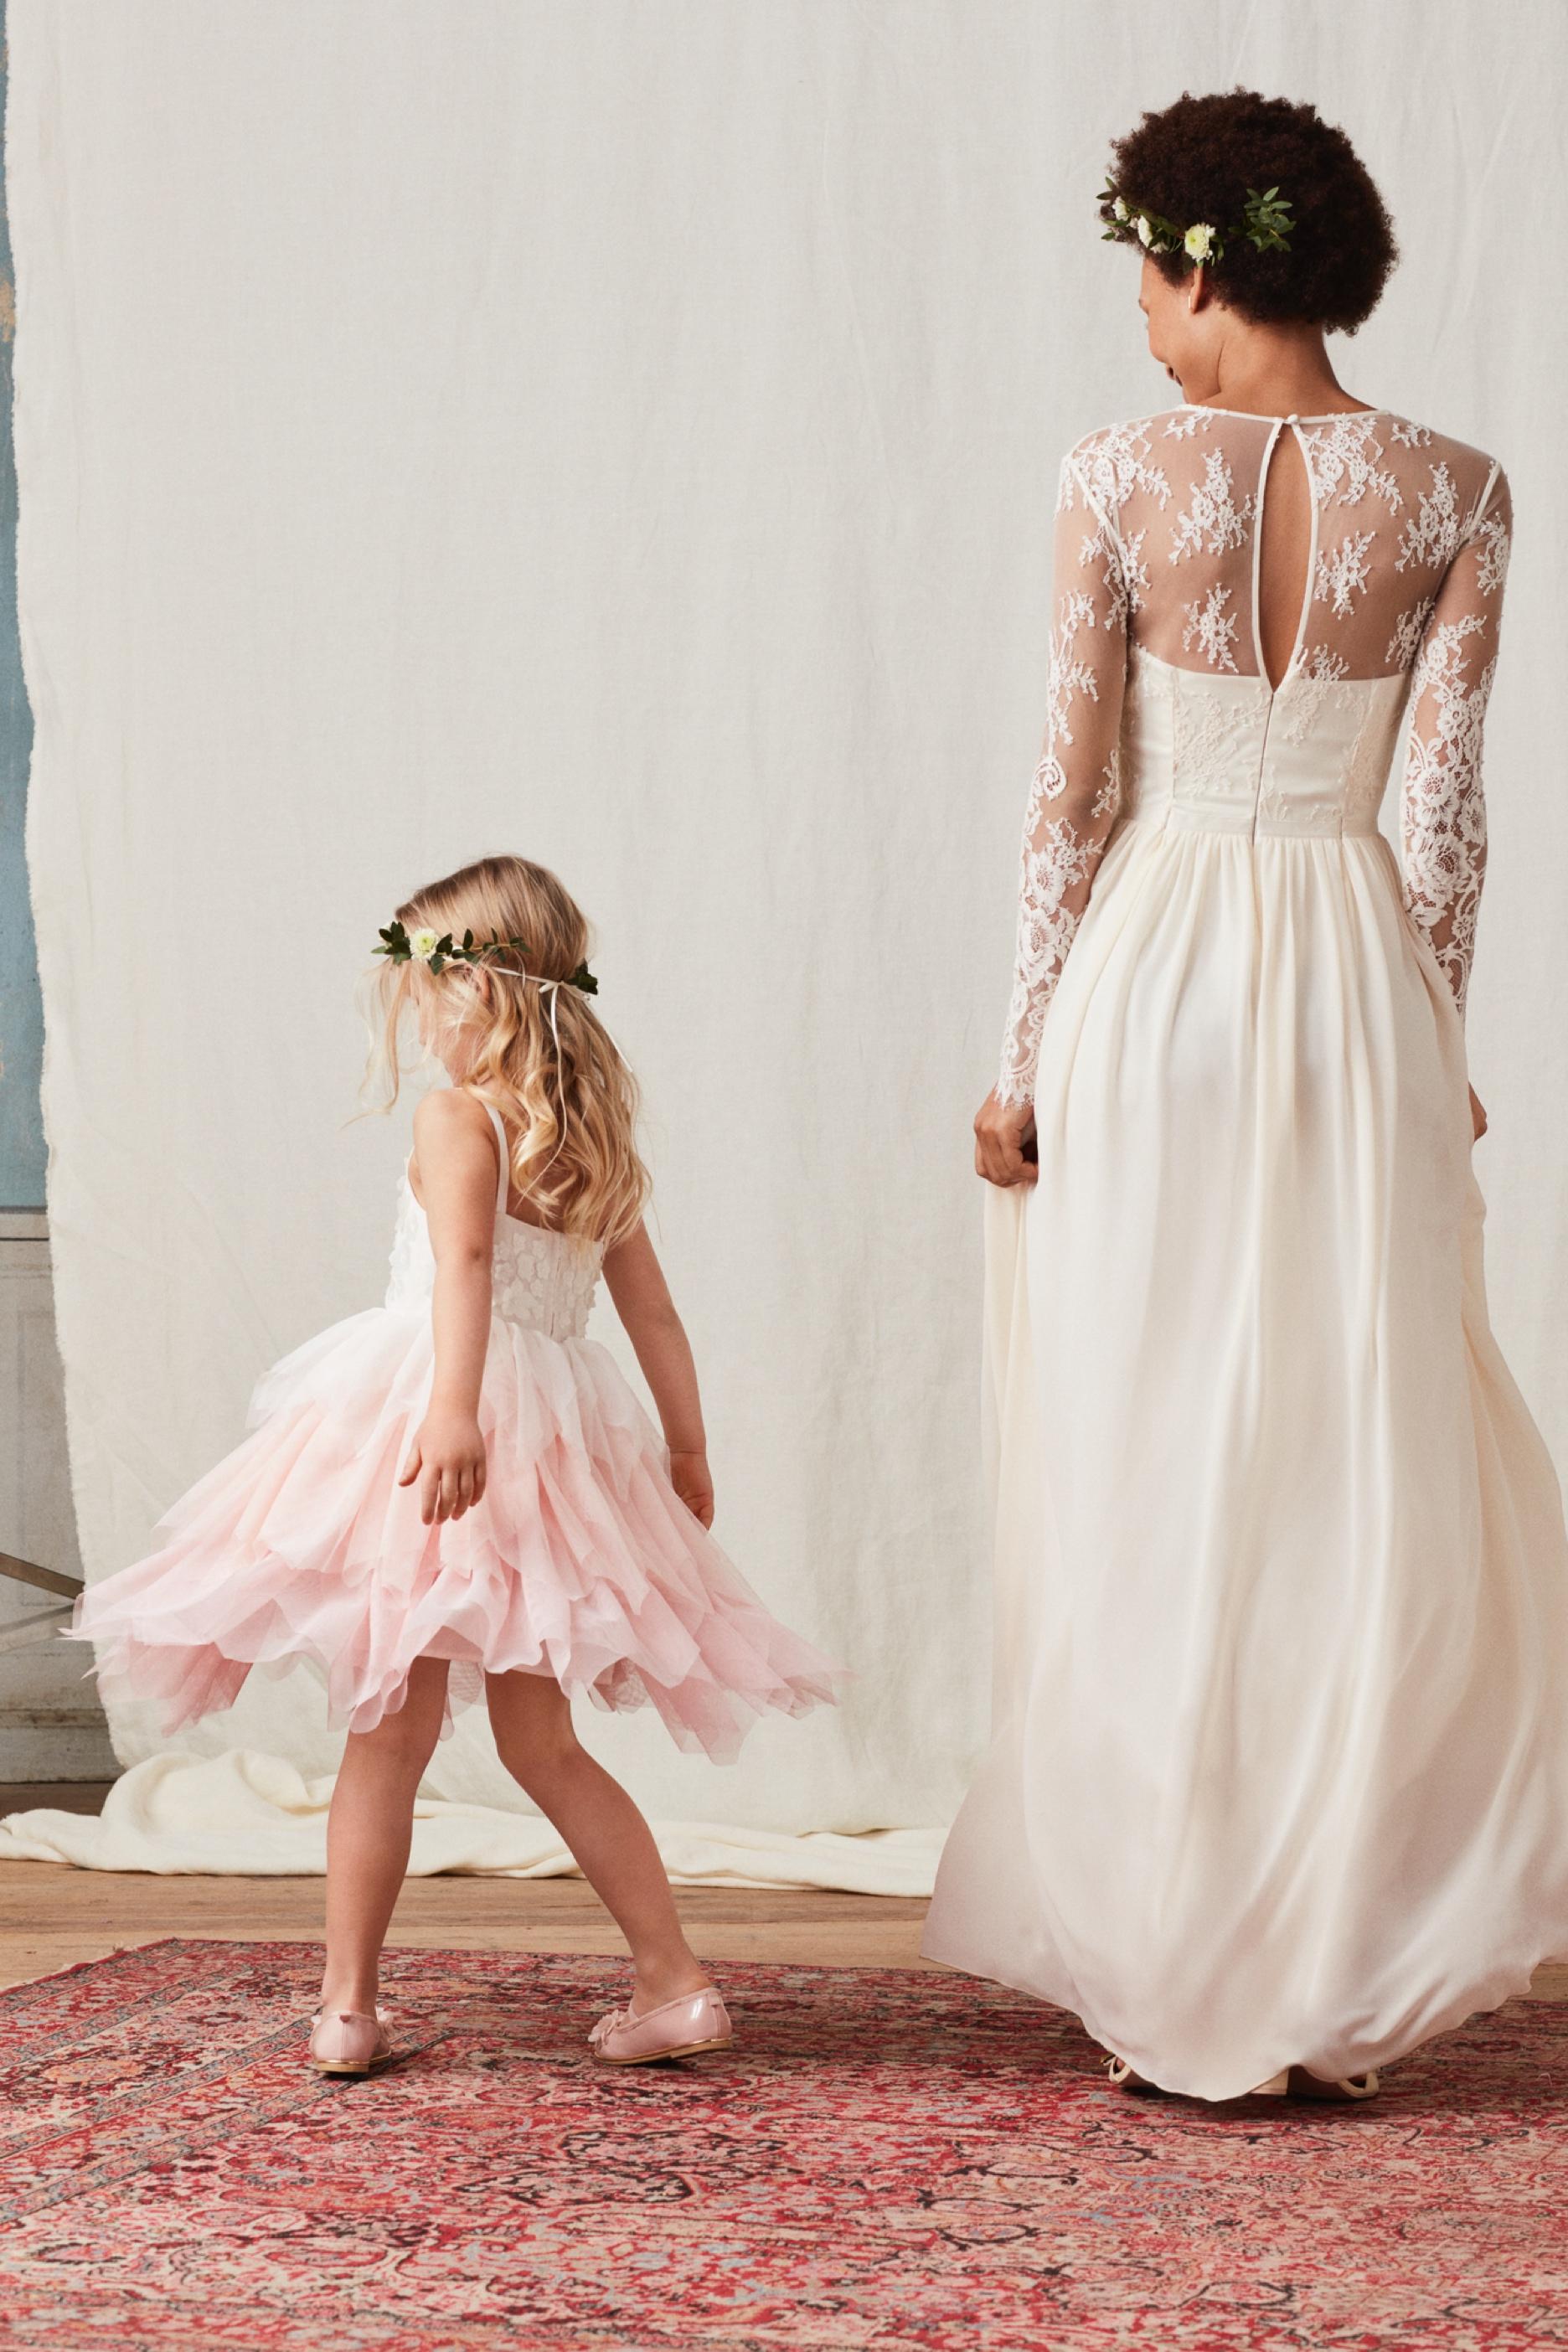 d3c06386c54 H M Wedding Shop Launches Online